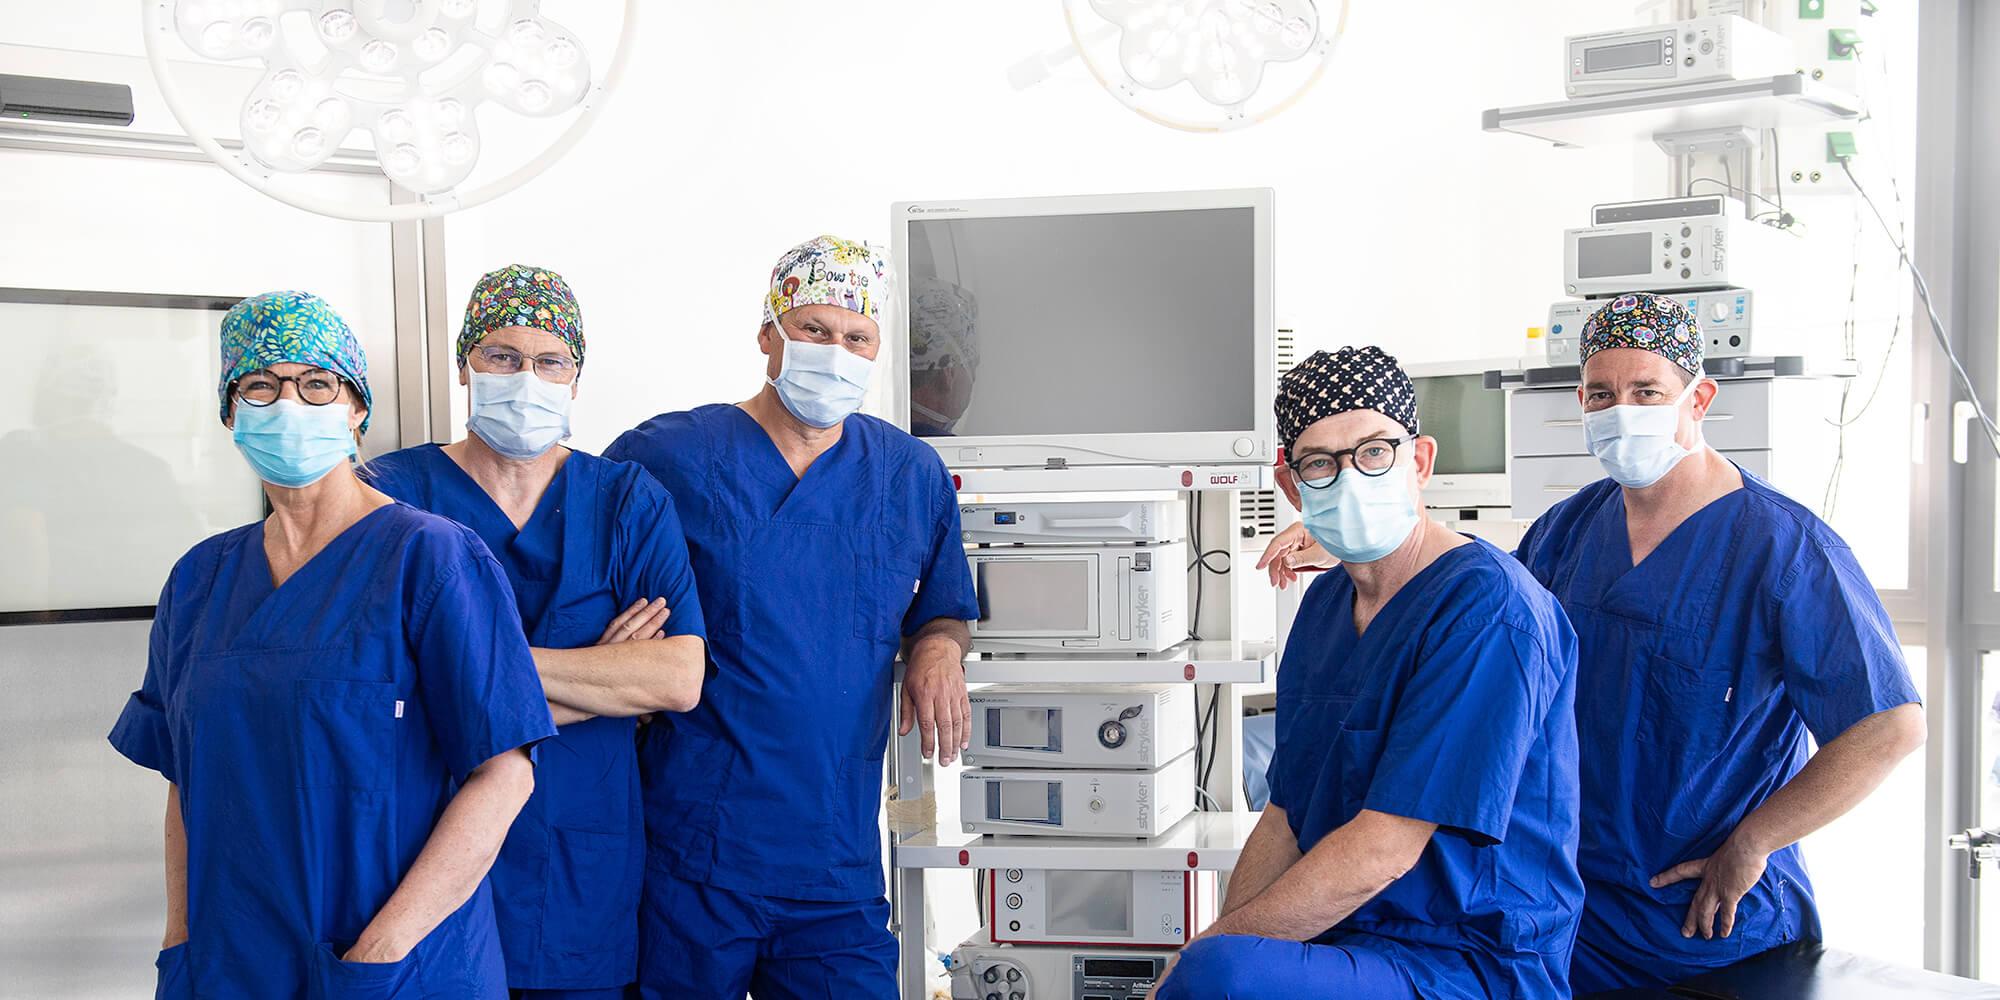 Chirurgie Maintaunus